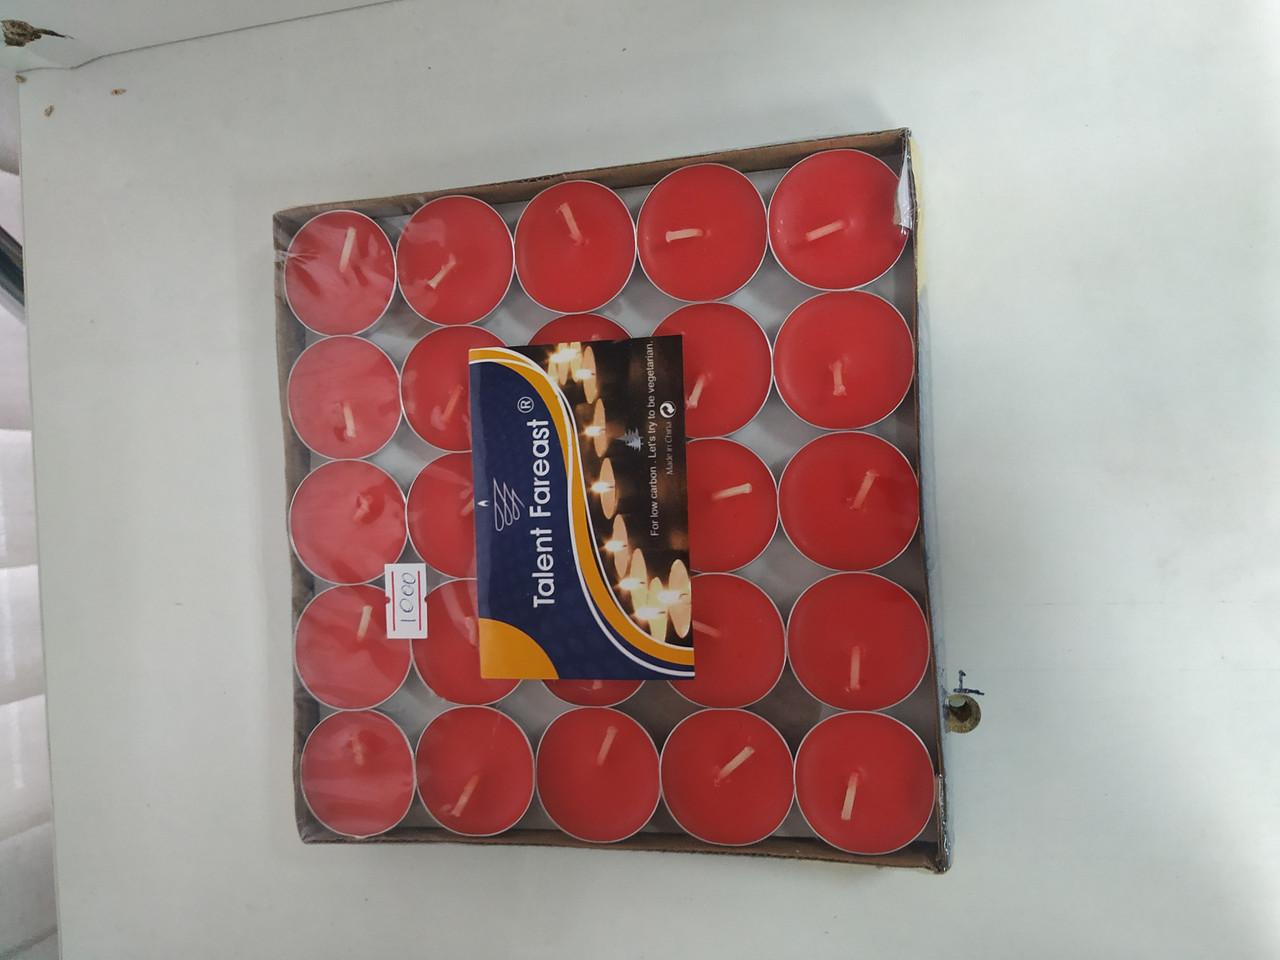 Свечи, чайные свечи 50 штук - фото 2